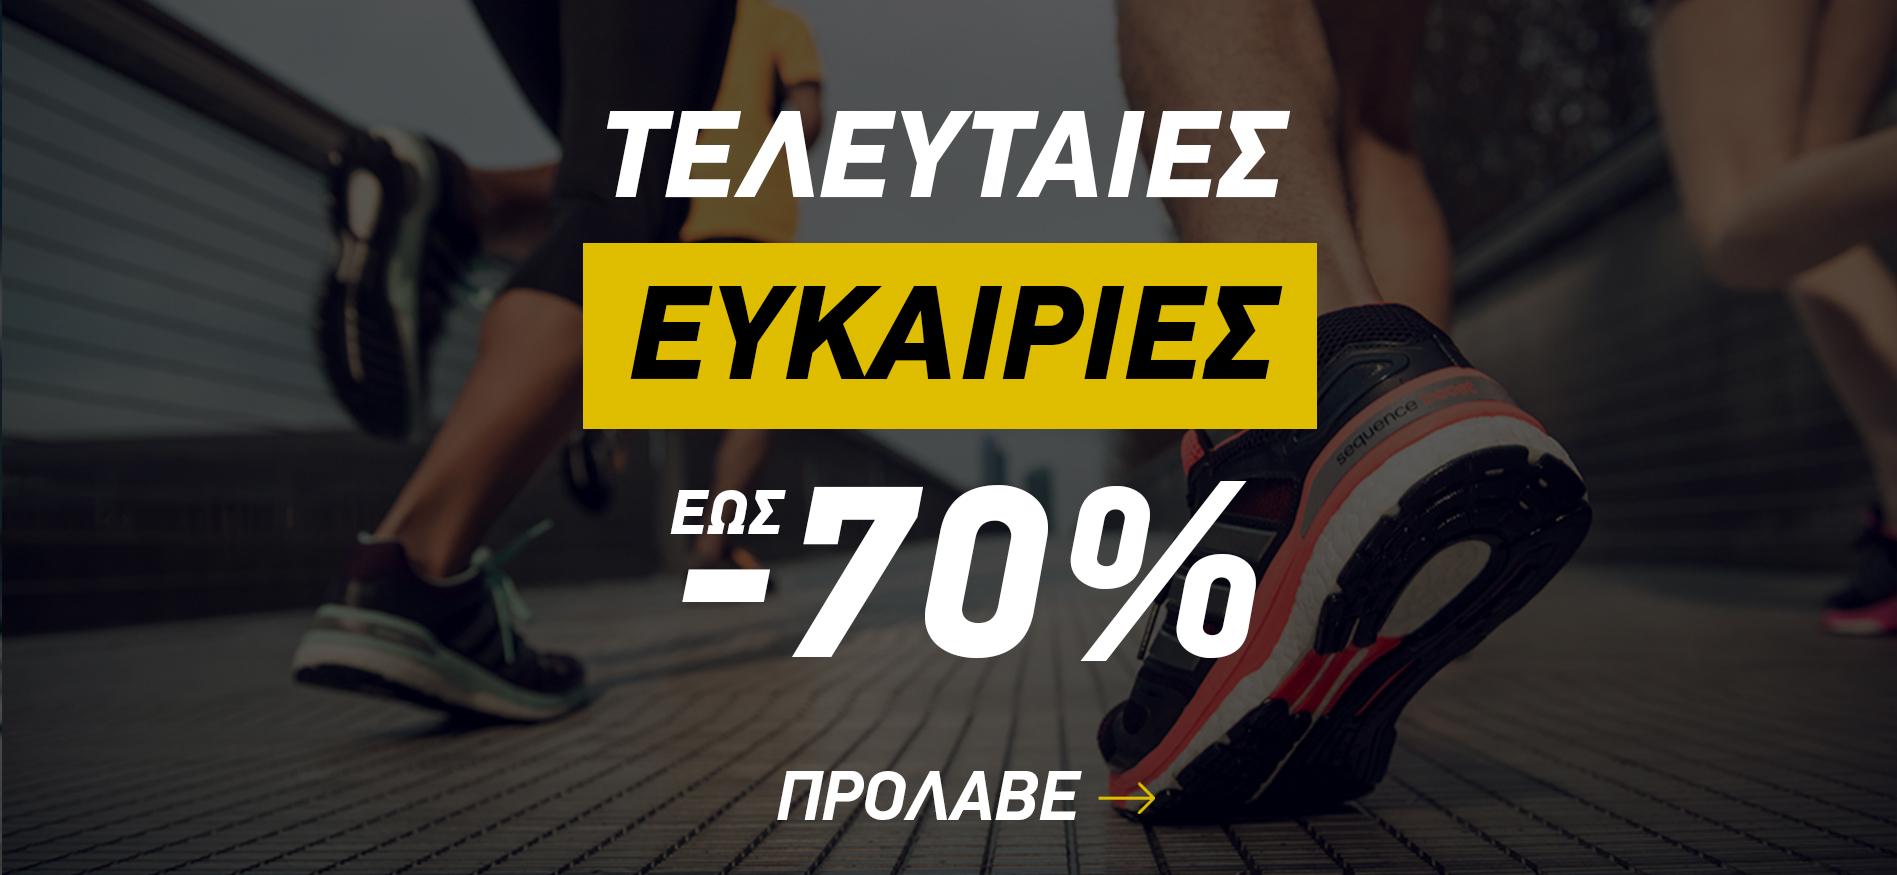 ΤΕΛΕΥΤΑΙΕΣ ΕΥΚΑΙΡΙΕΣ -70%